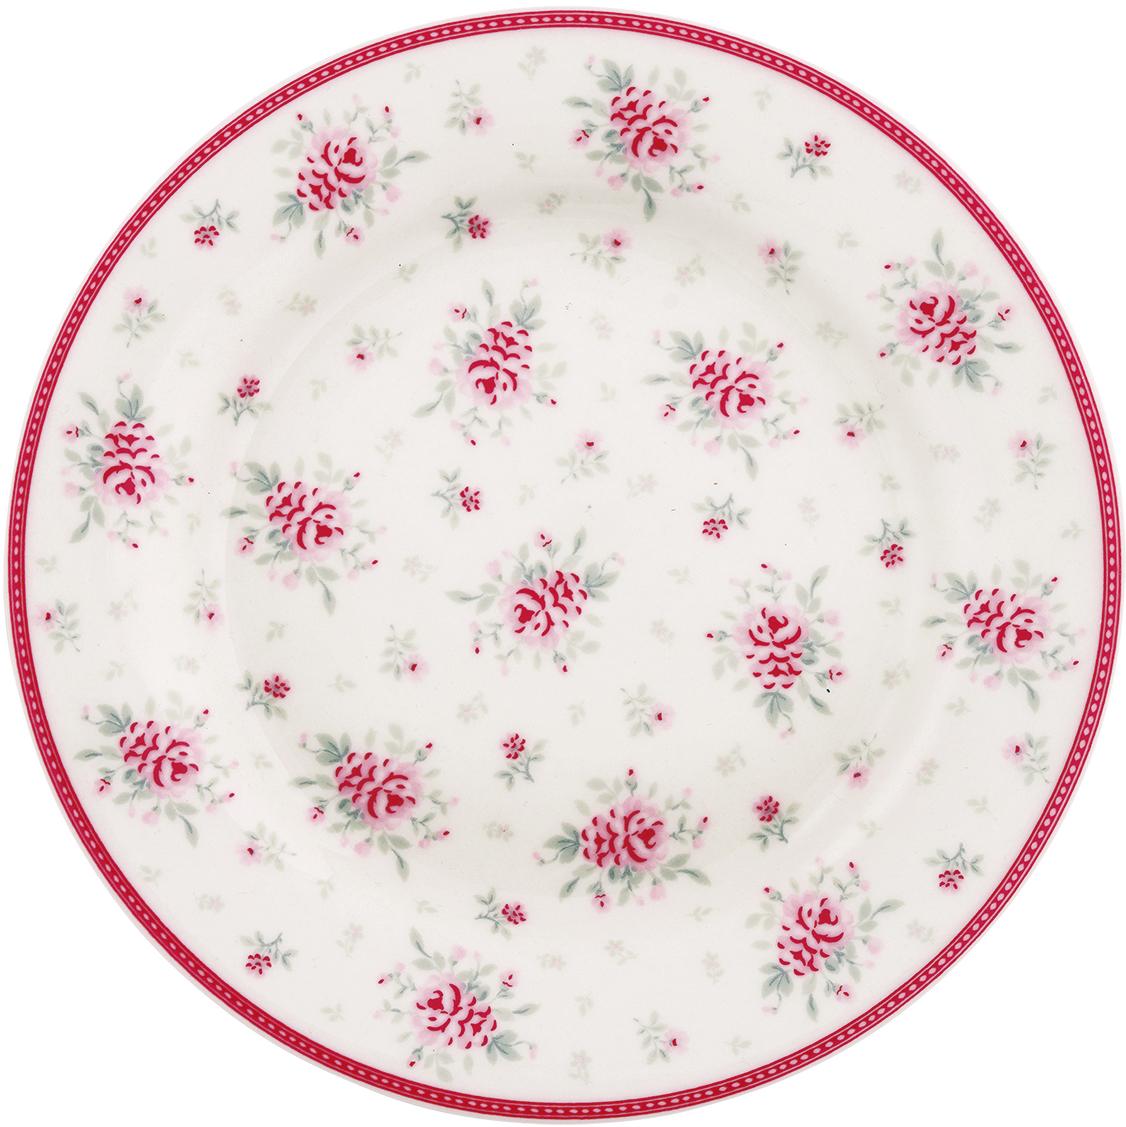 Тарелка Flora white, диаметр 20,5 смSTWPLAFLO0106GreenGate- это широко известная во всем мире компания, которая с 2001 года производит потрясающую по красотеколлекционнуюфарфоровую посуду.